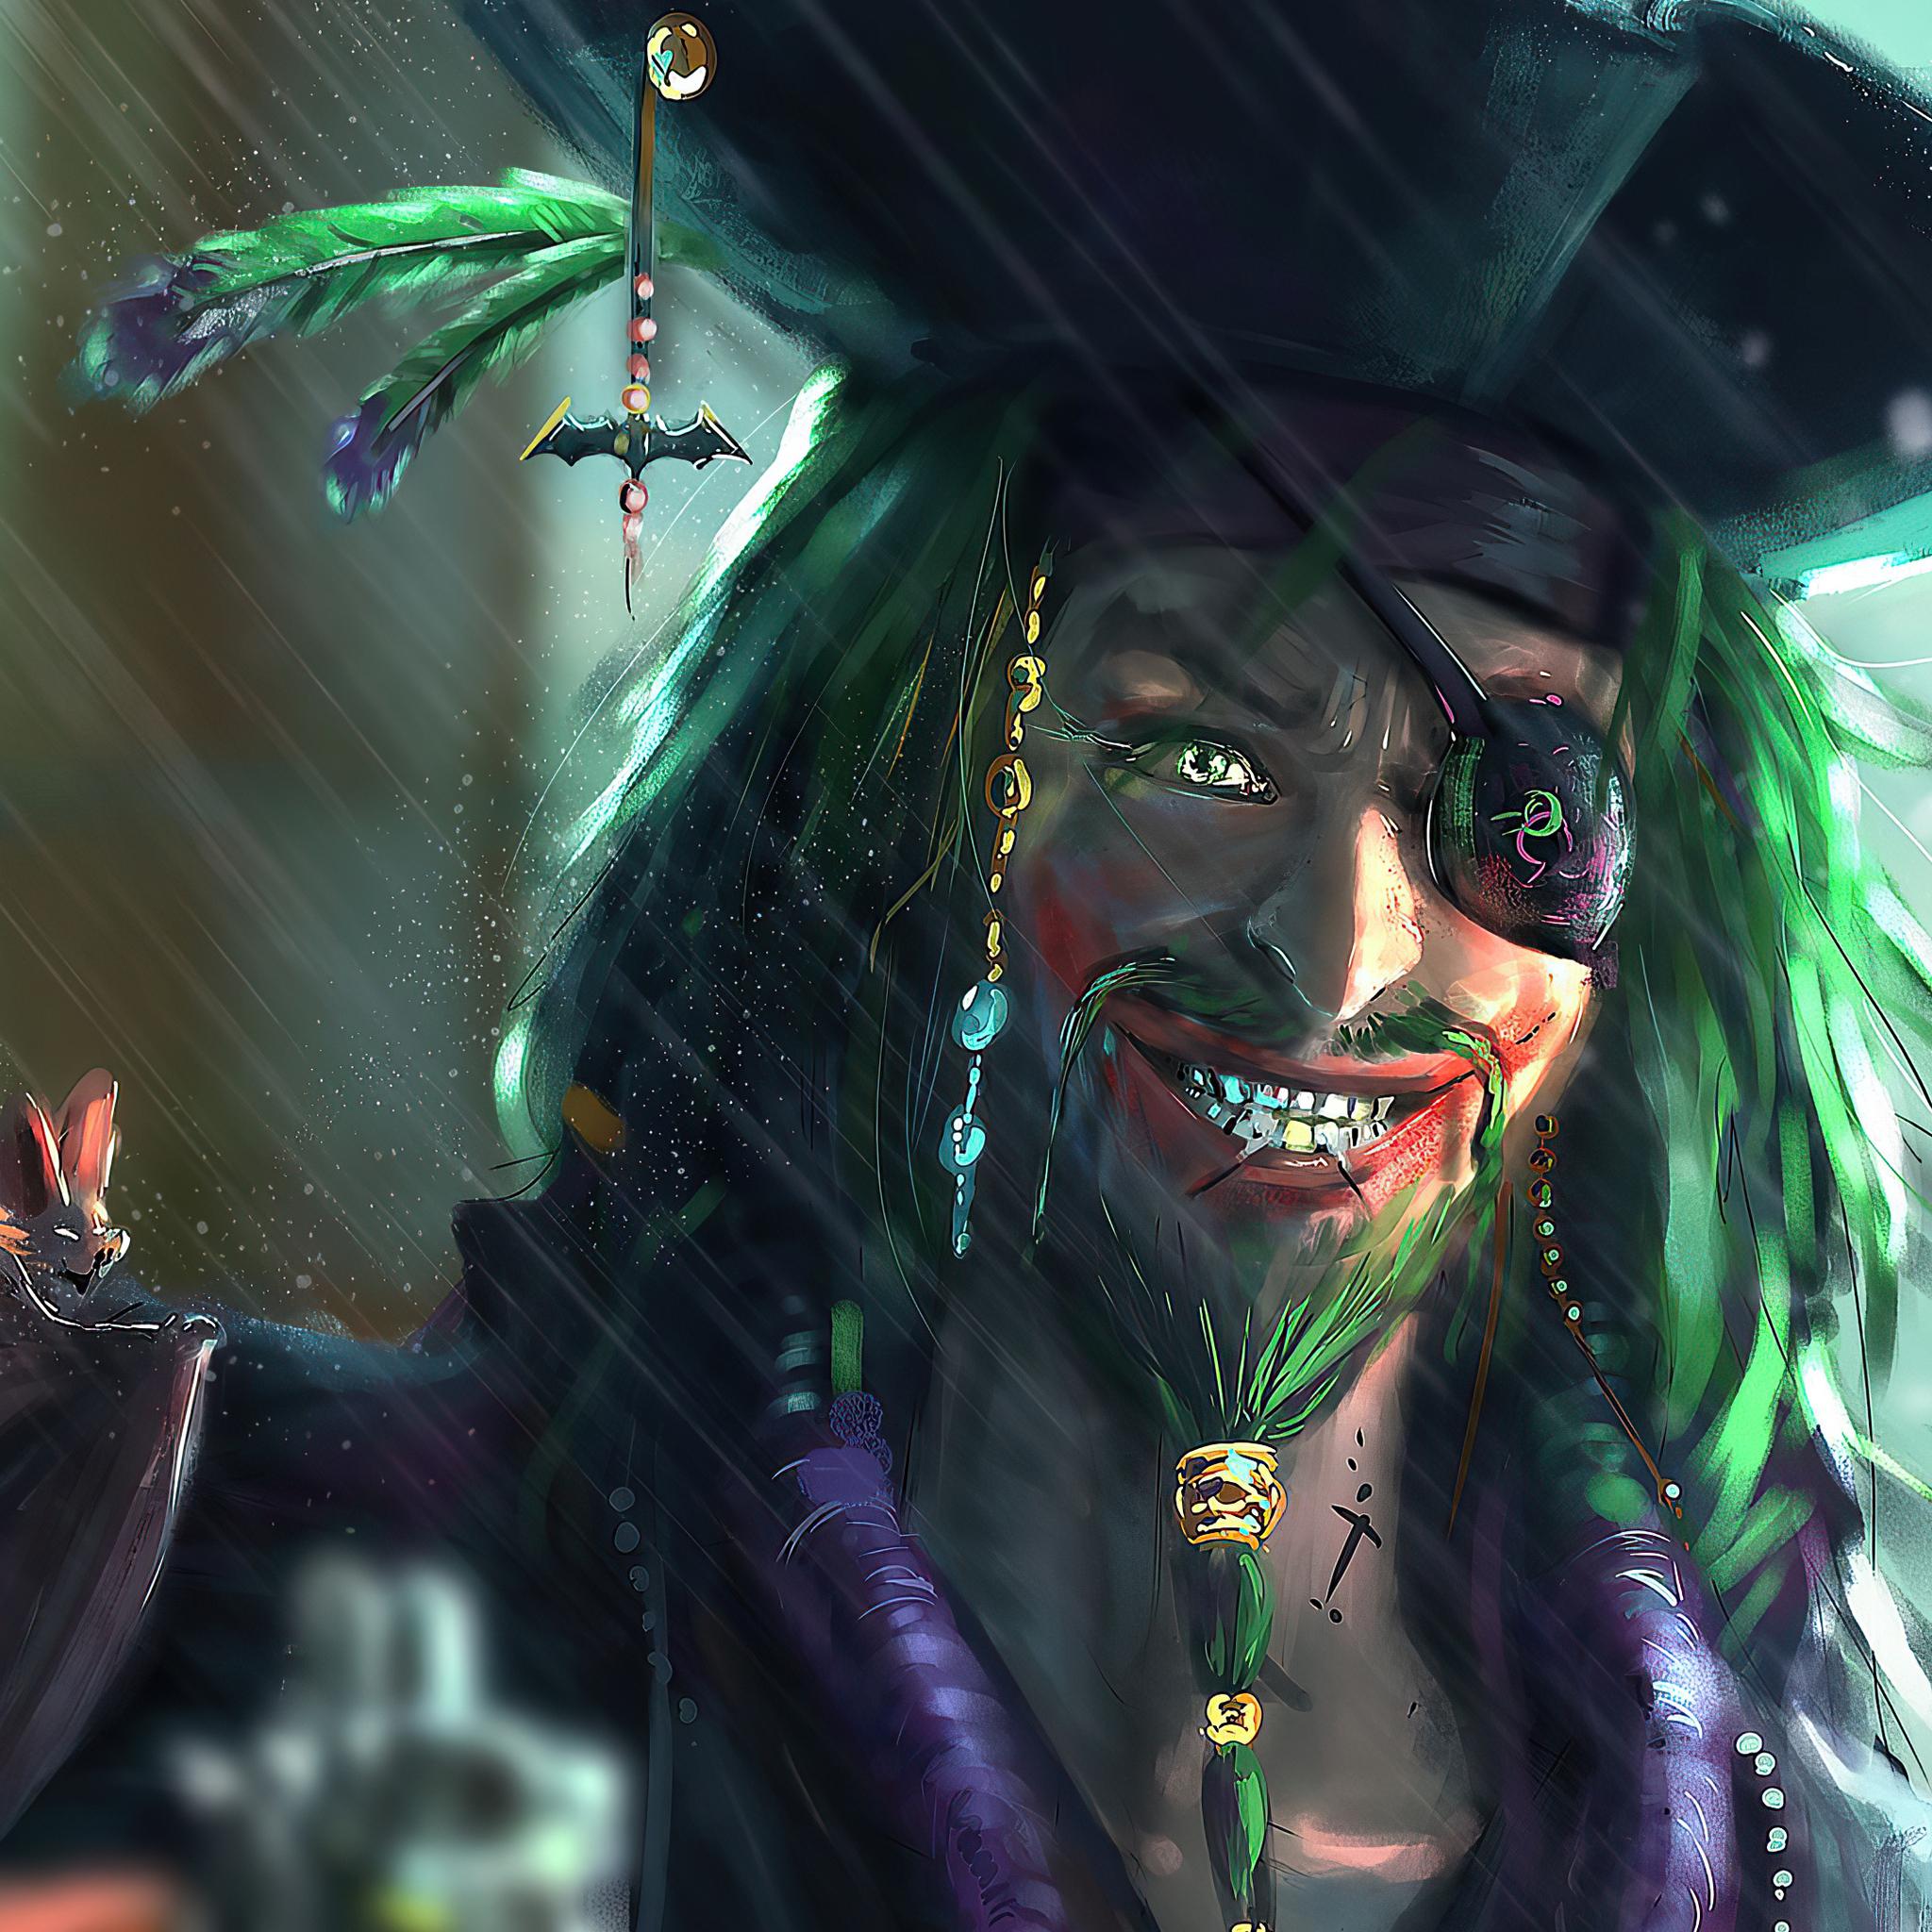 pirate-joker-4k-v0.jpg